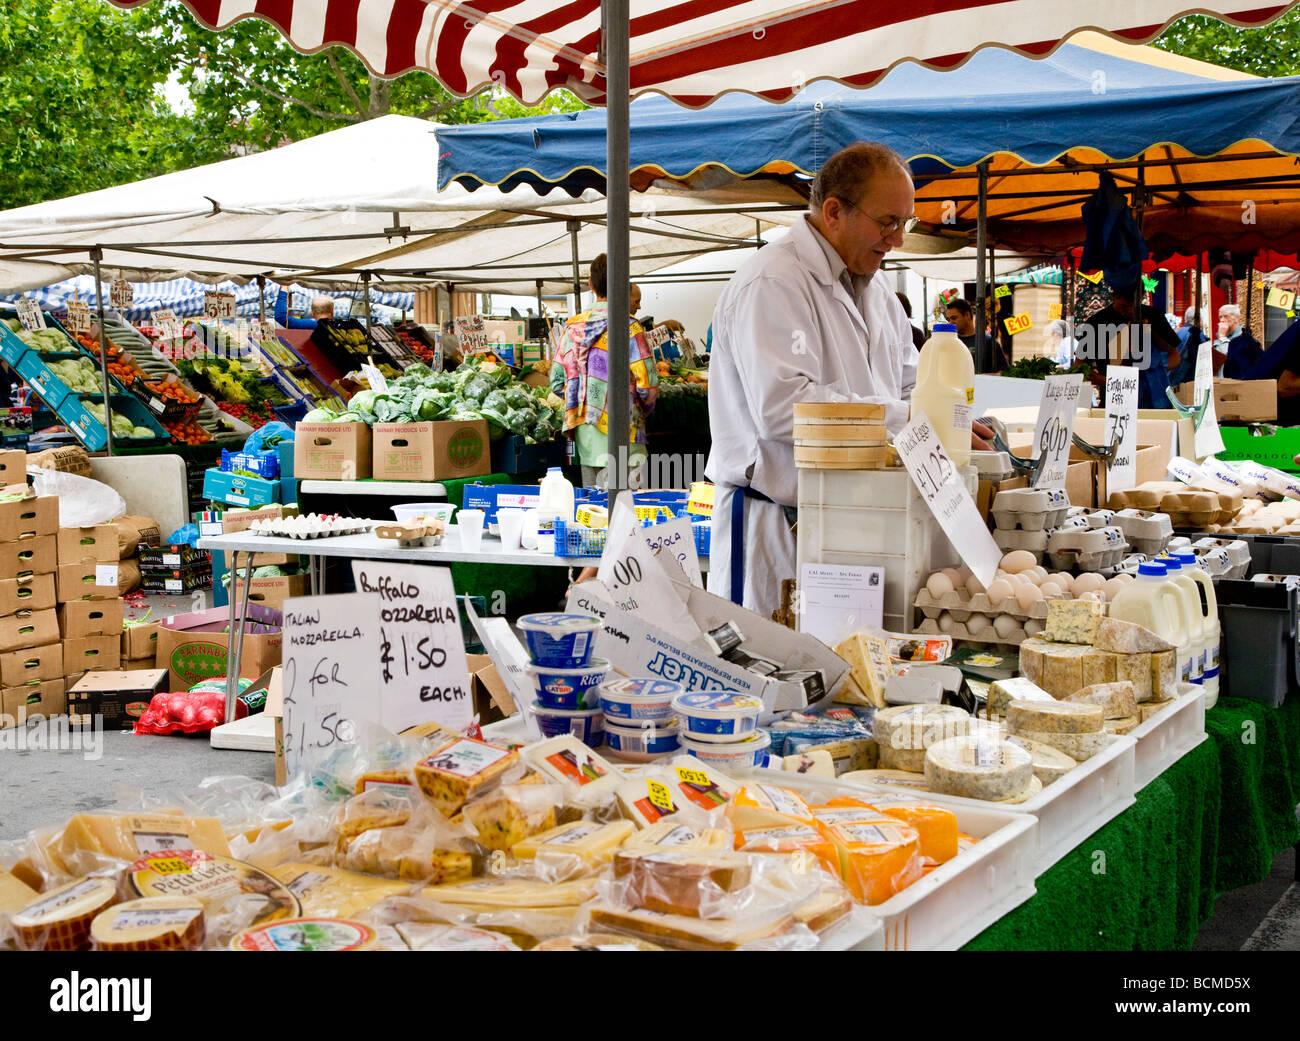 Un caseificio in stallo al giovedì famer s mercato nel tipico mercato inglese comune di Devizes Wiltshire, Immagini Stock